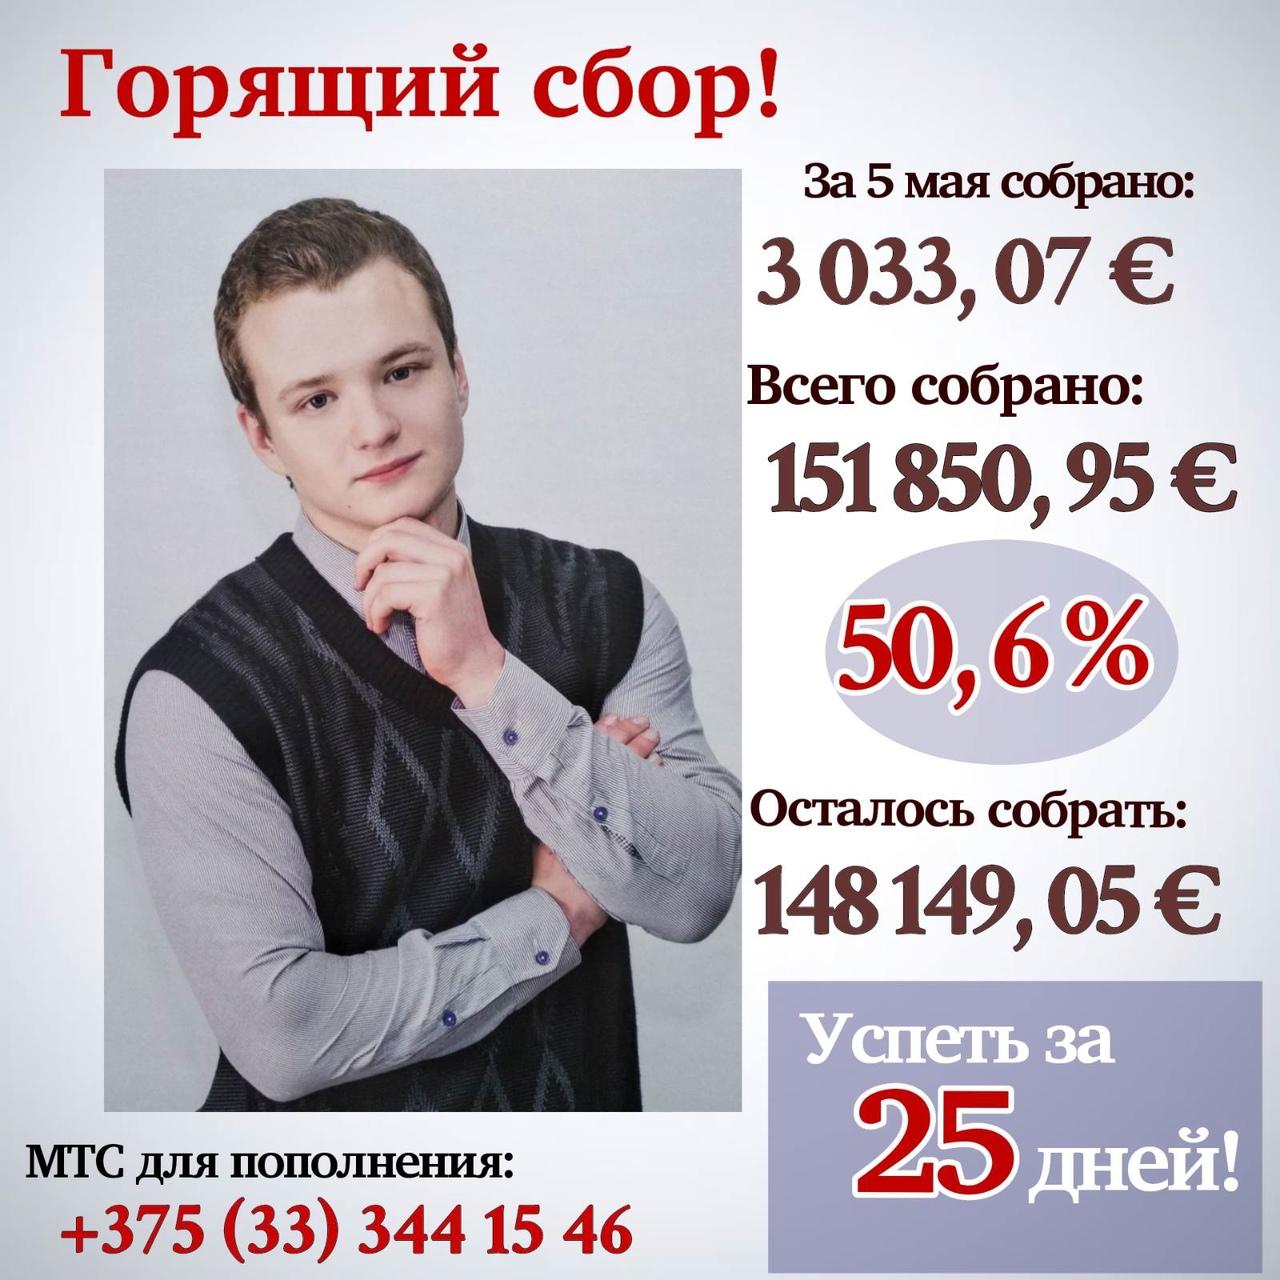 ilya_rusetskiy1